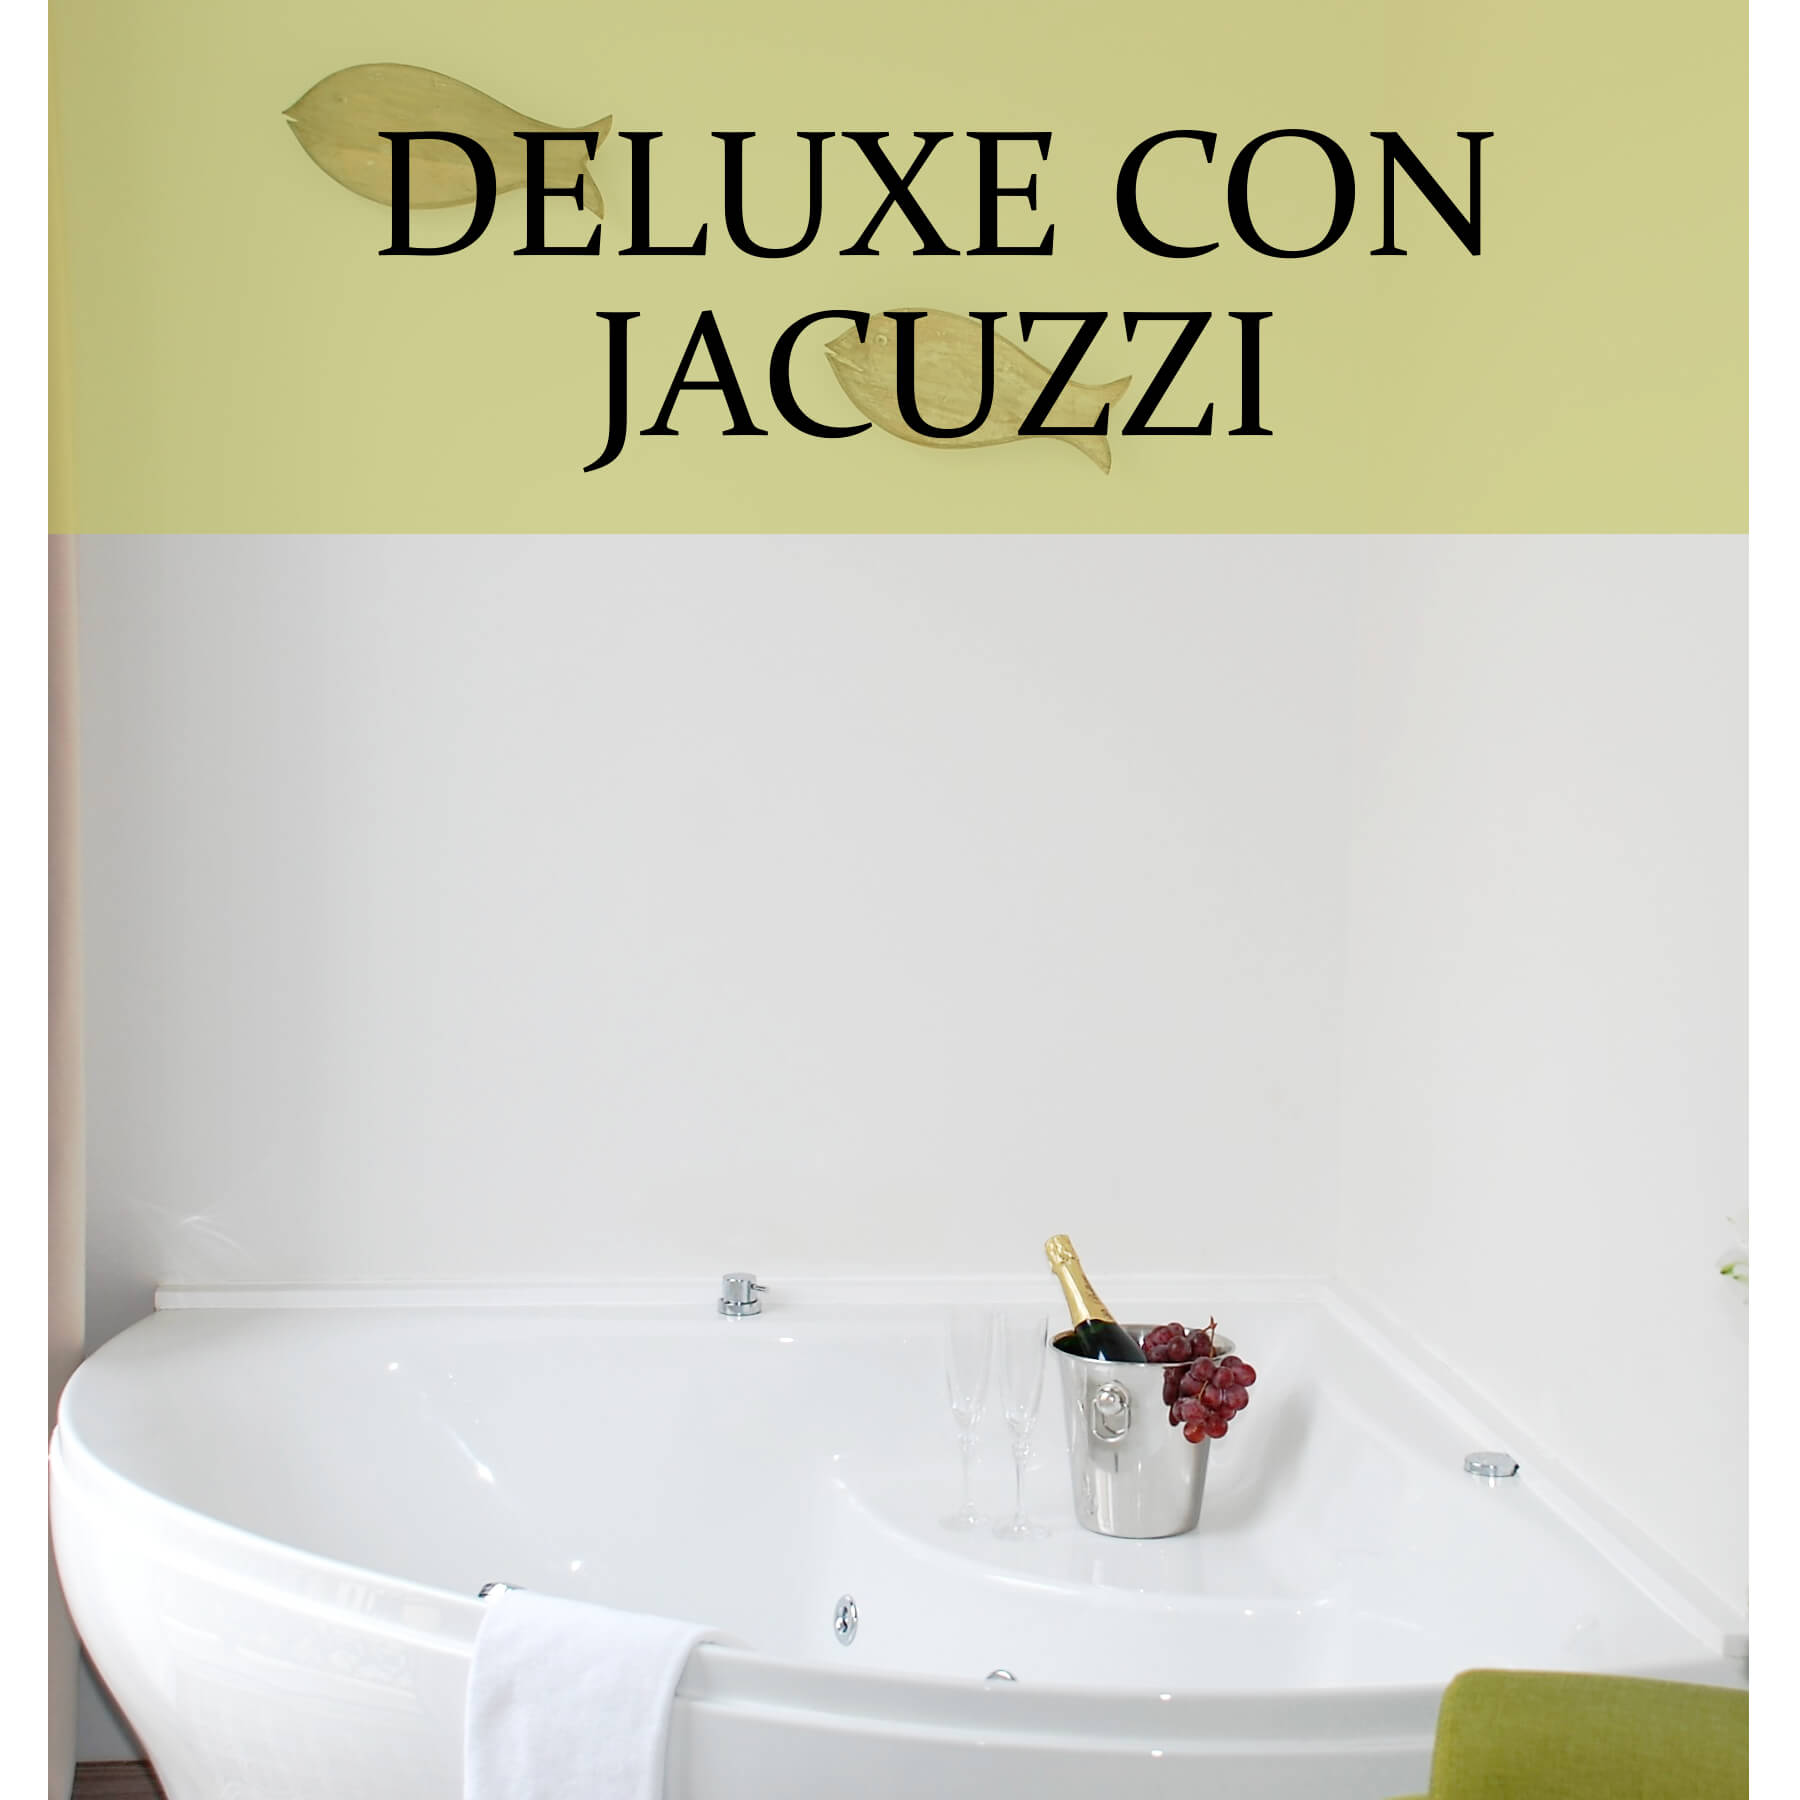 Habitación deluxe con jacuzzi